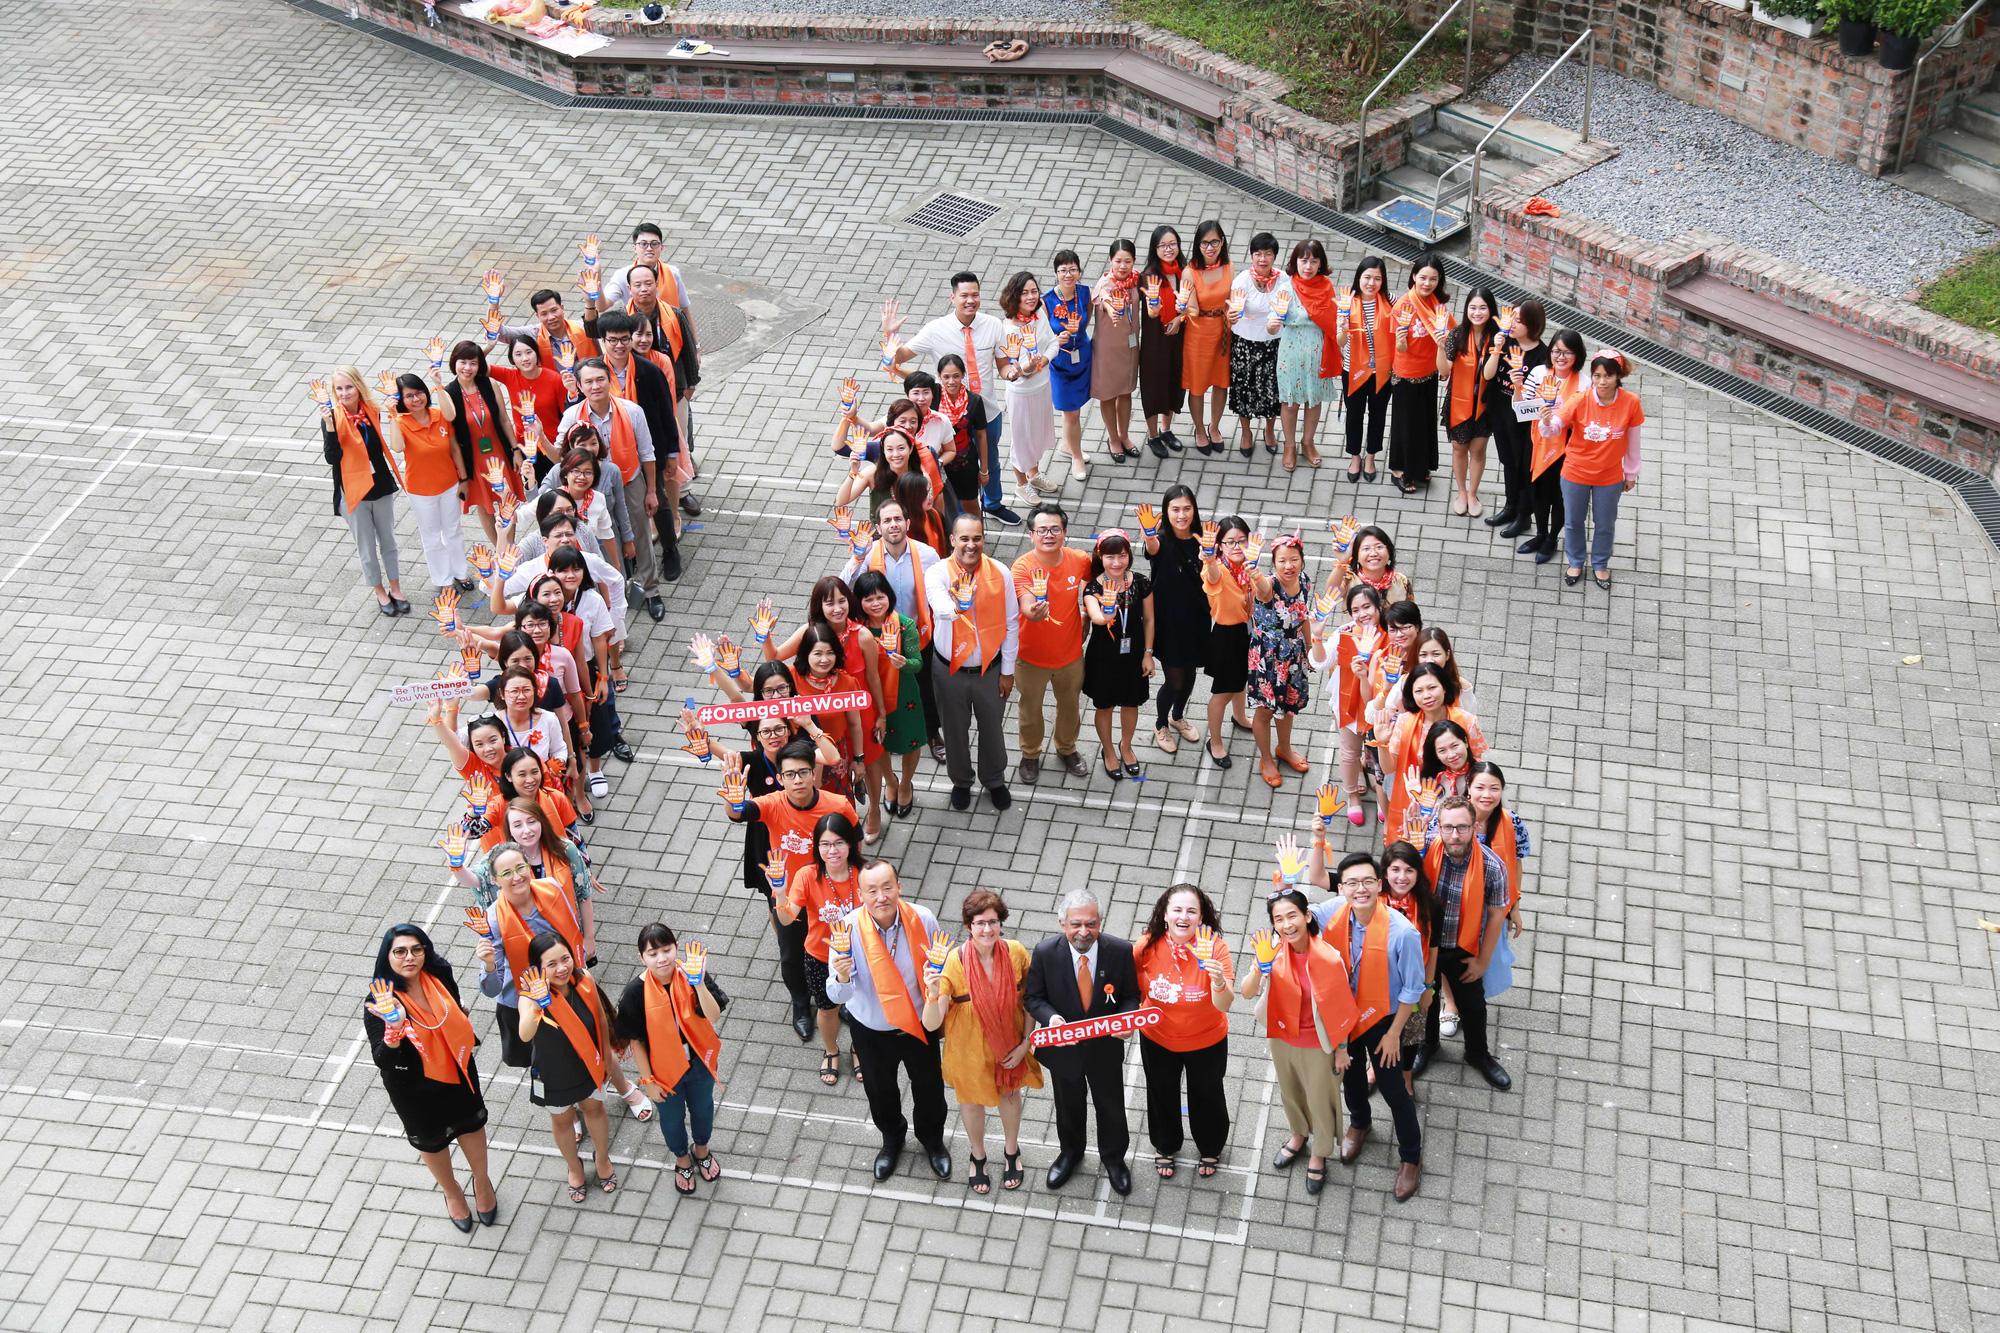 Liên hợp quốc tại Việt Nam và các đối tác chung tay chống bạo lực tình dục - Ảnh 1.